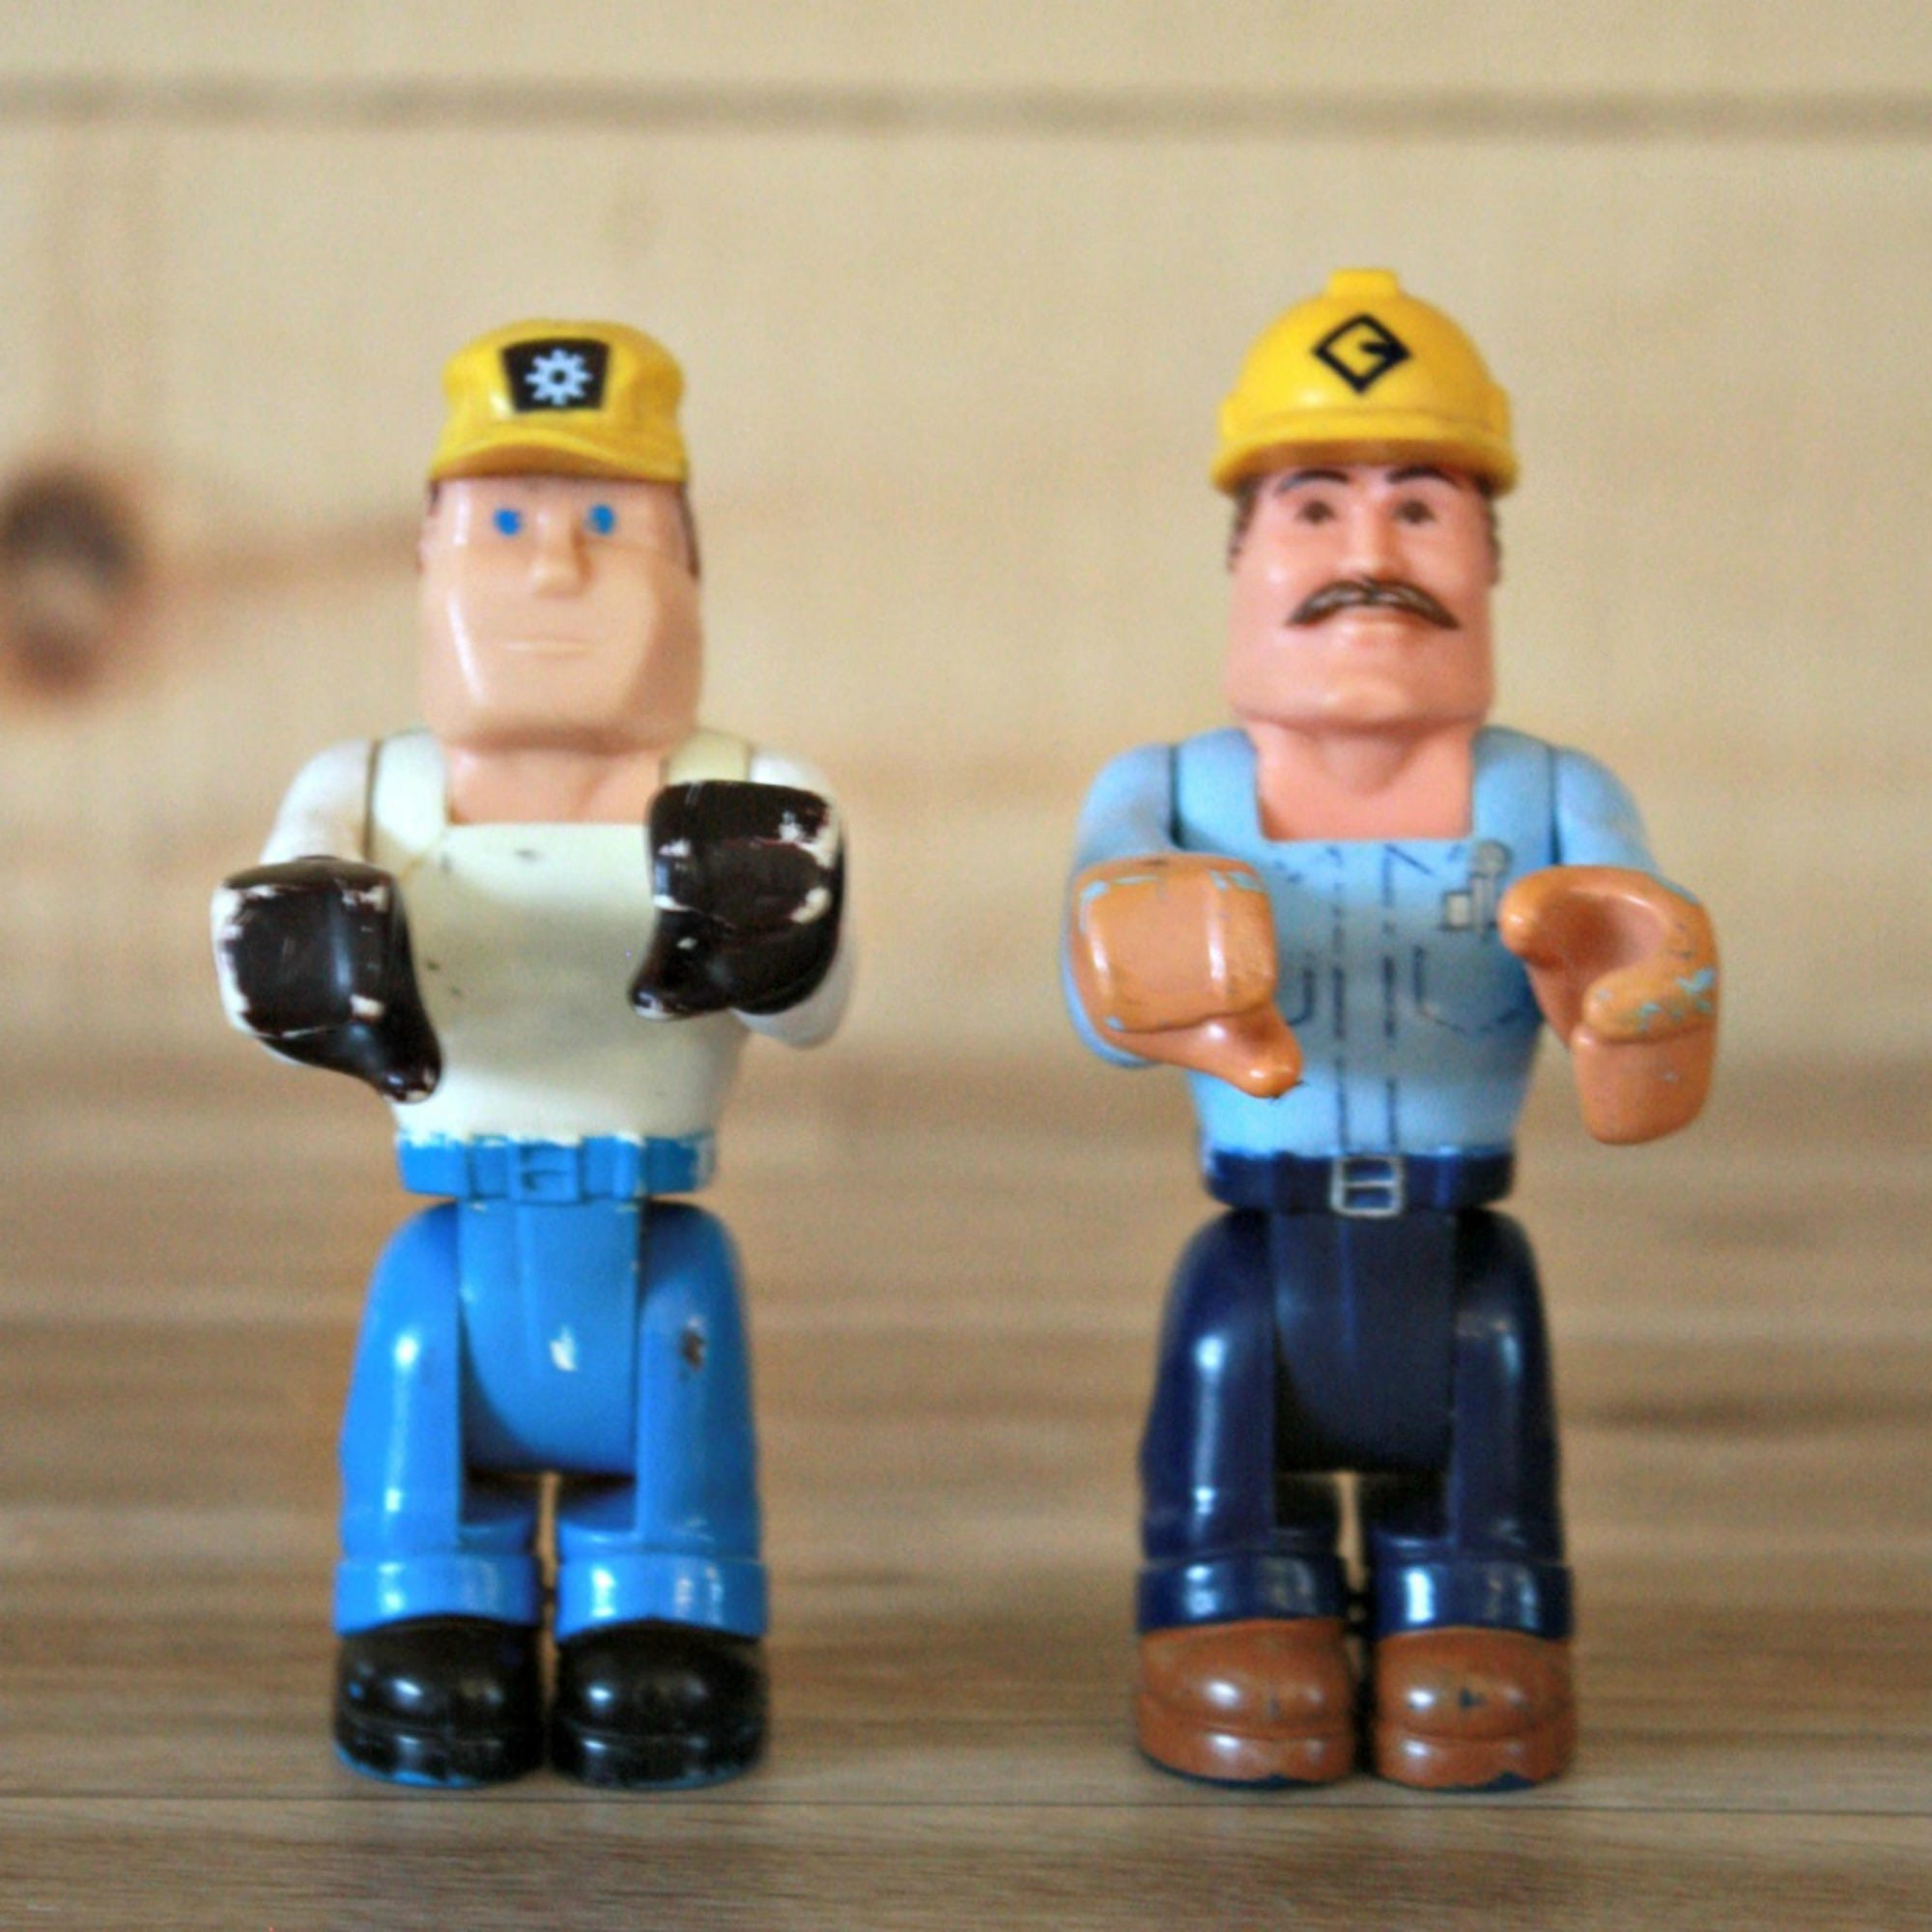 Paar Miniatur Fisher-Price Arbeiter 1977 plastische Figur | Etsy